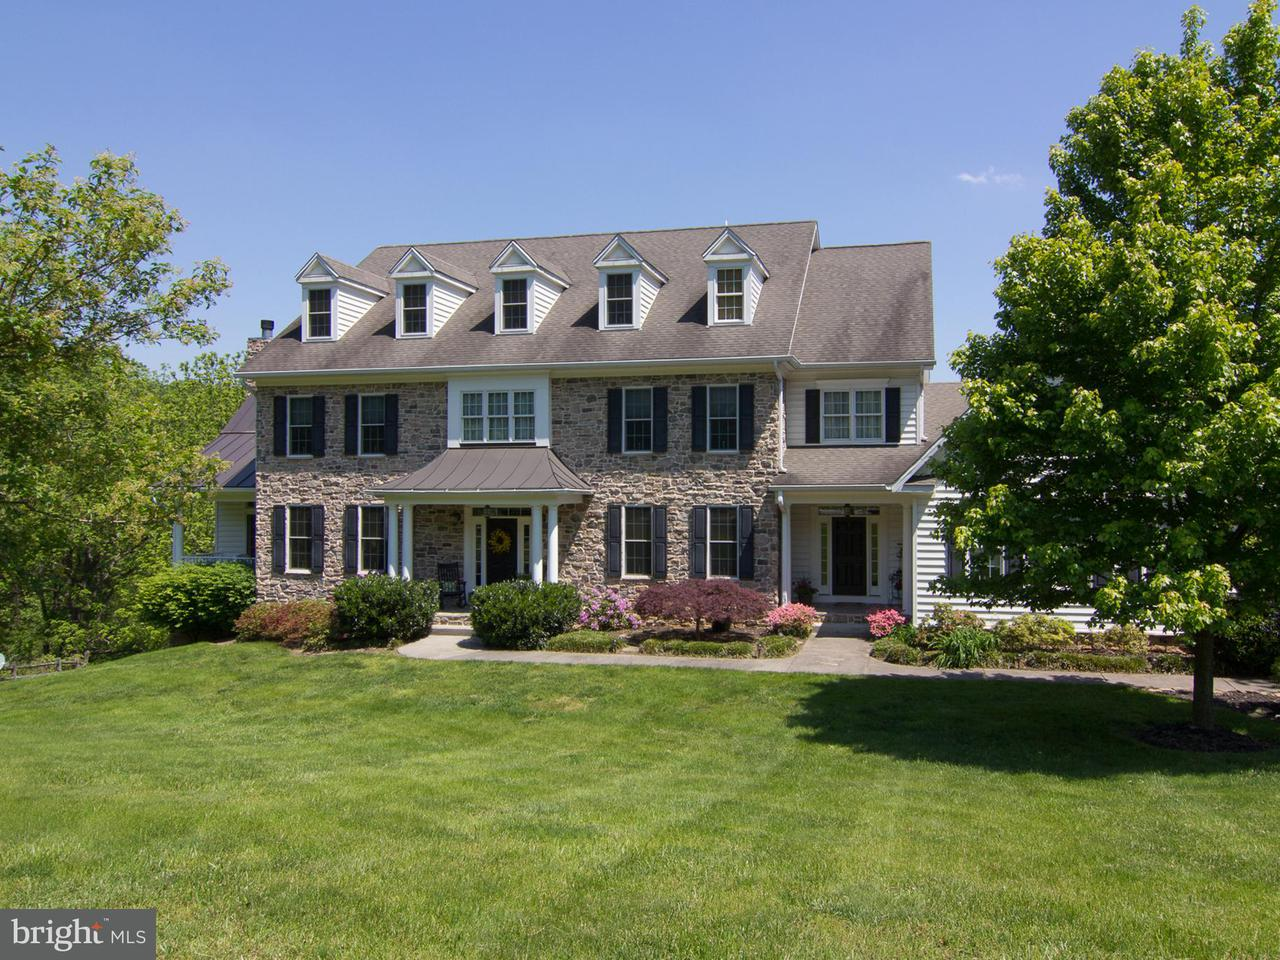 Maison unifamiliale pour l Vente à 908 ZENITH Drive 908 ZENITH Drive Freeland, Maryland 21053 États-Unis